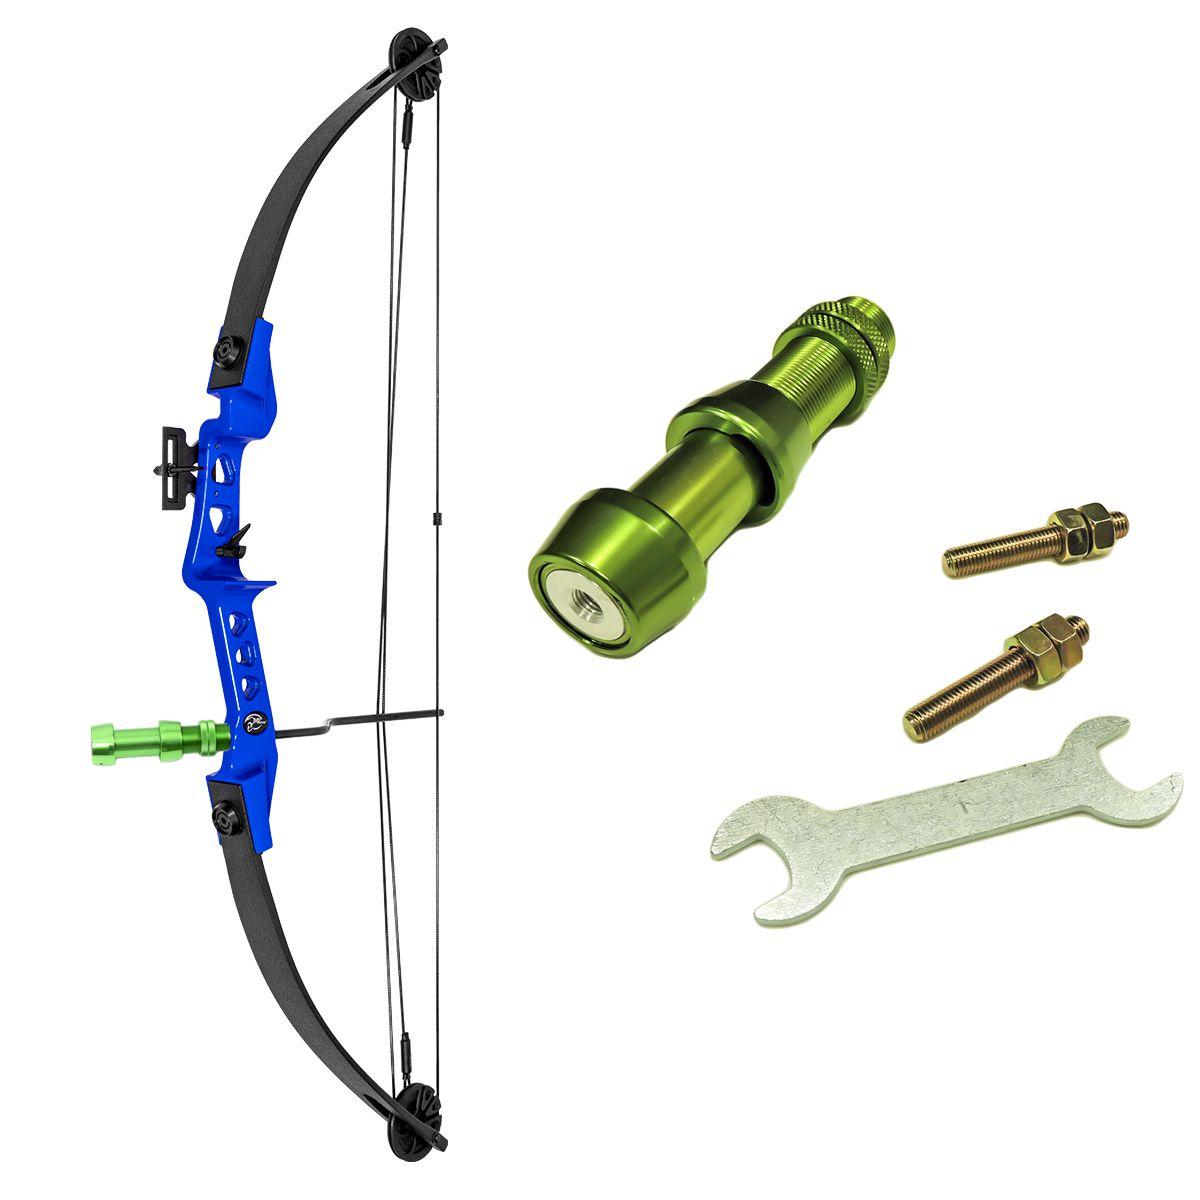 Arco e flecha Sniper MK-CB30BL Vixion +  SUPORTE RST-G PARA CARRETILHA PESCA